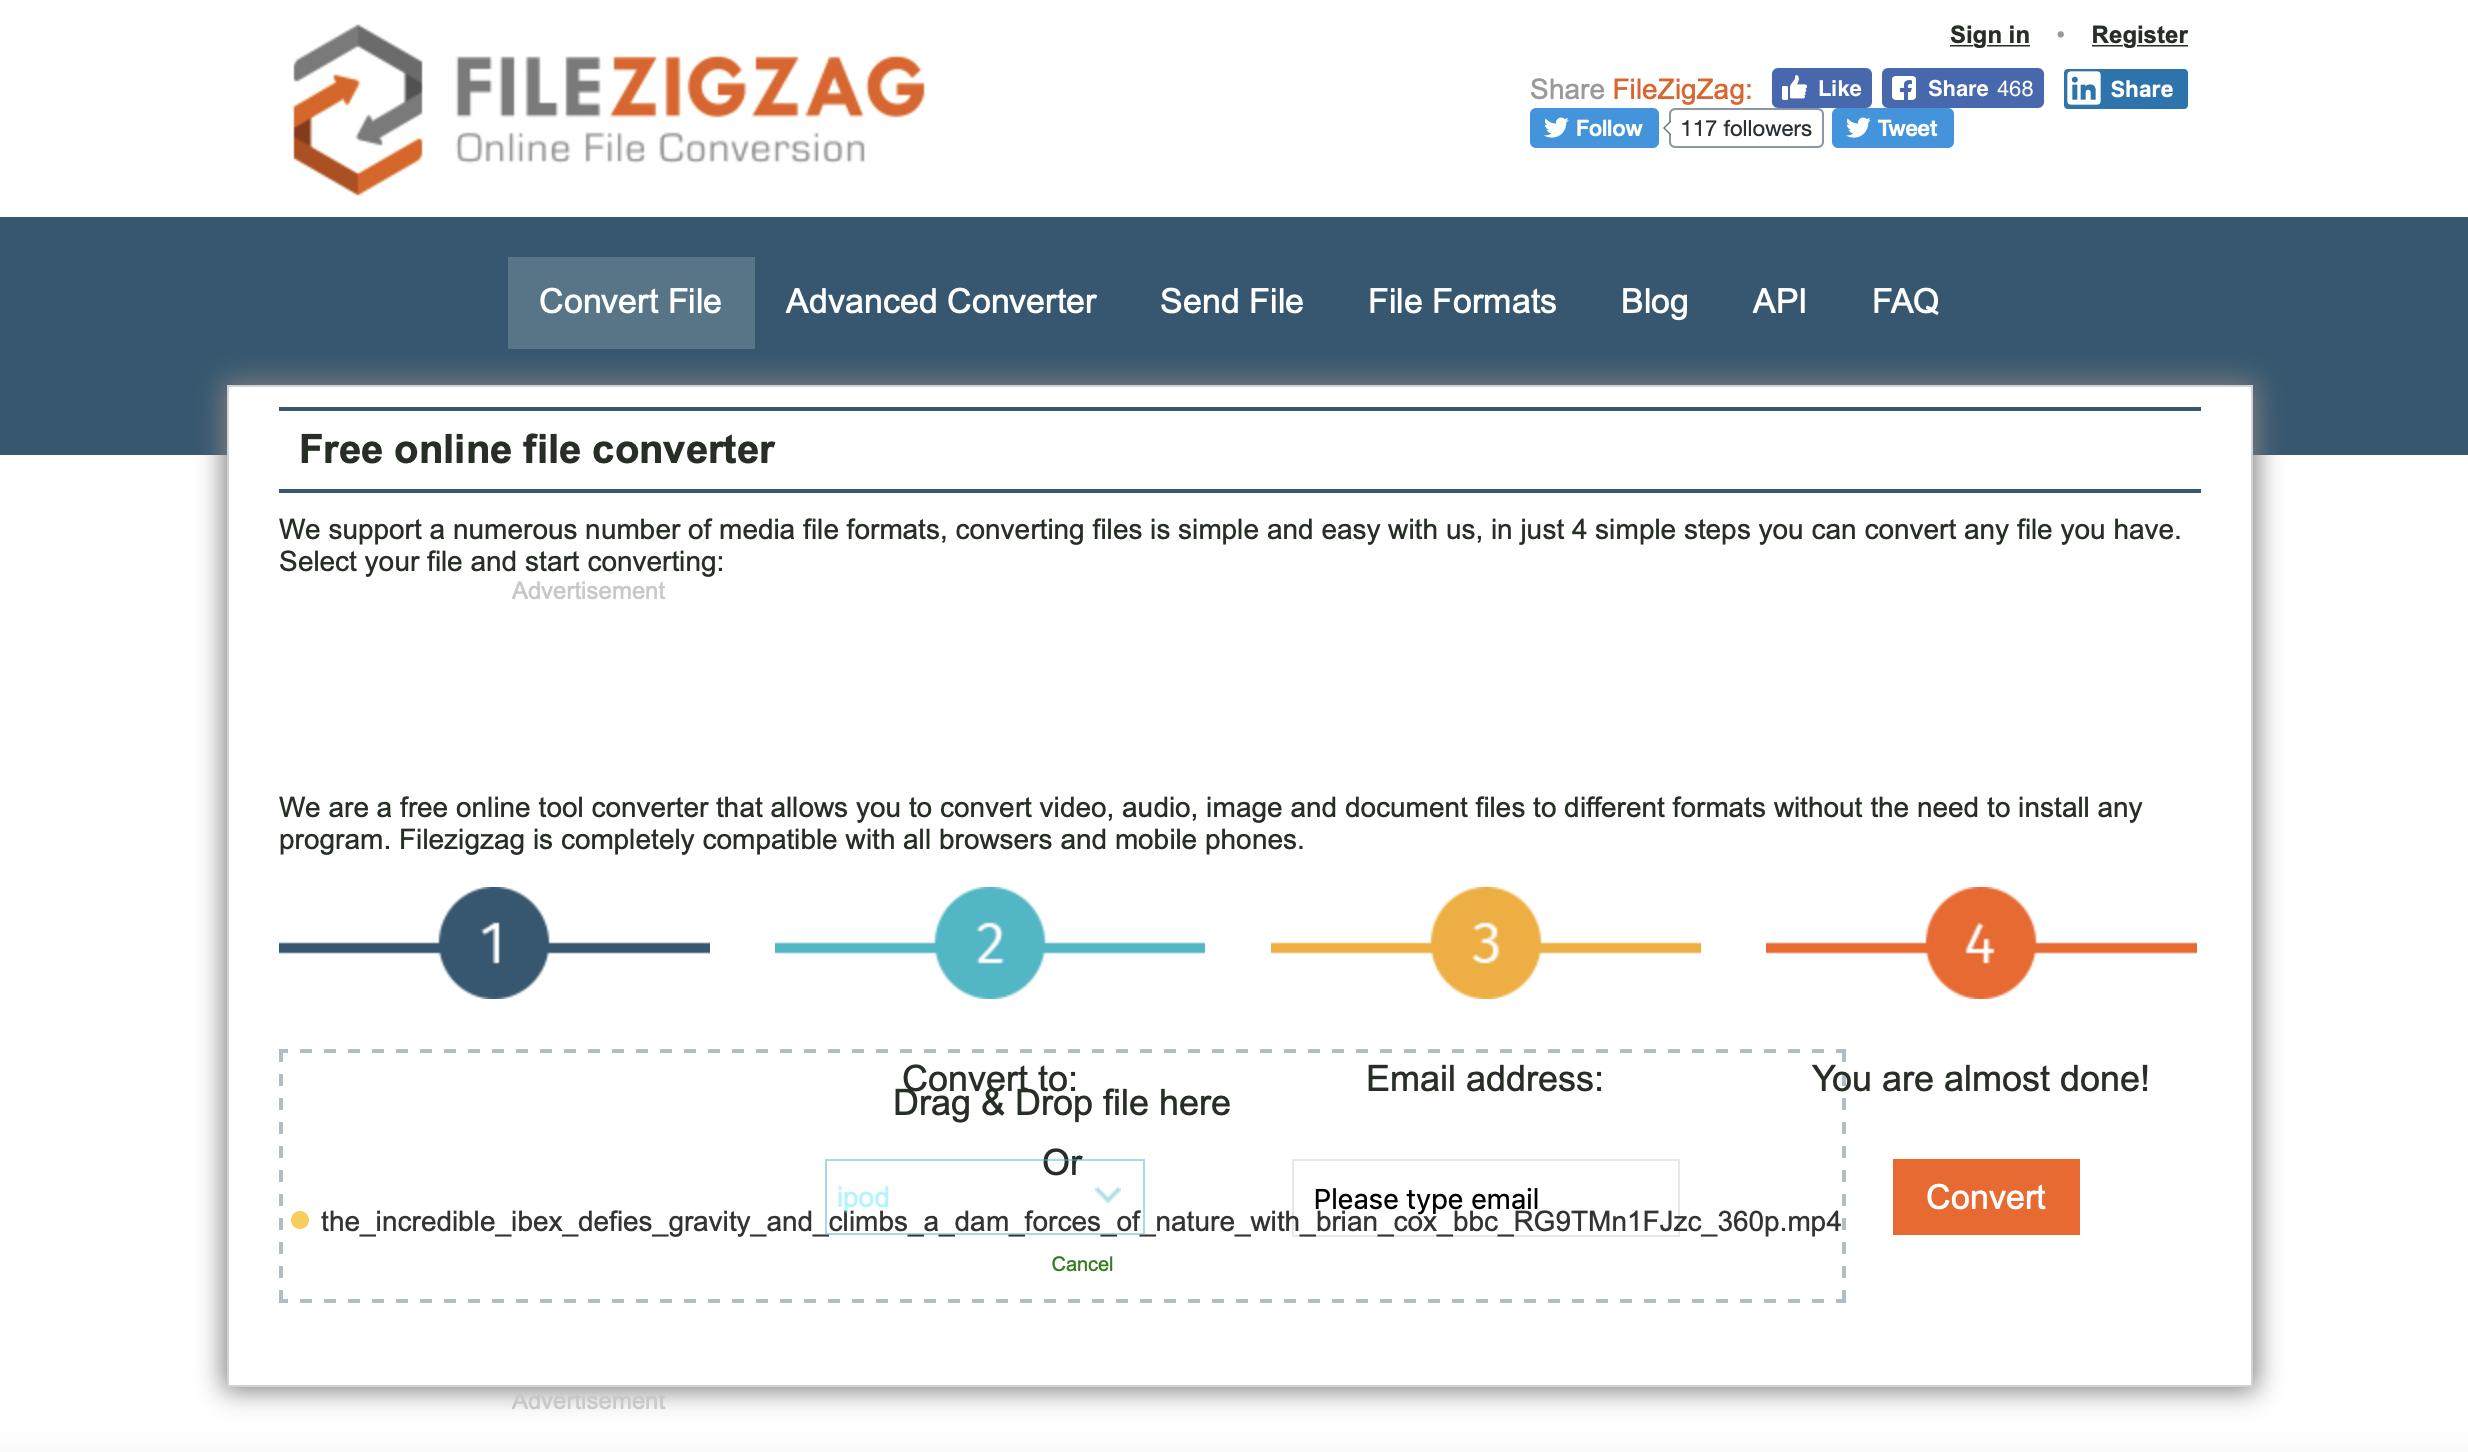 file-z-g-zag-converter-10